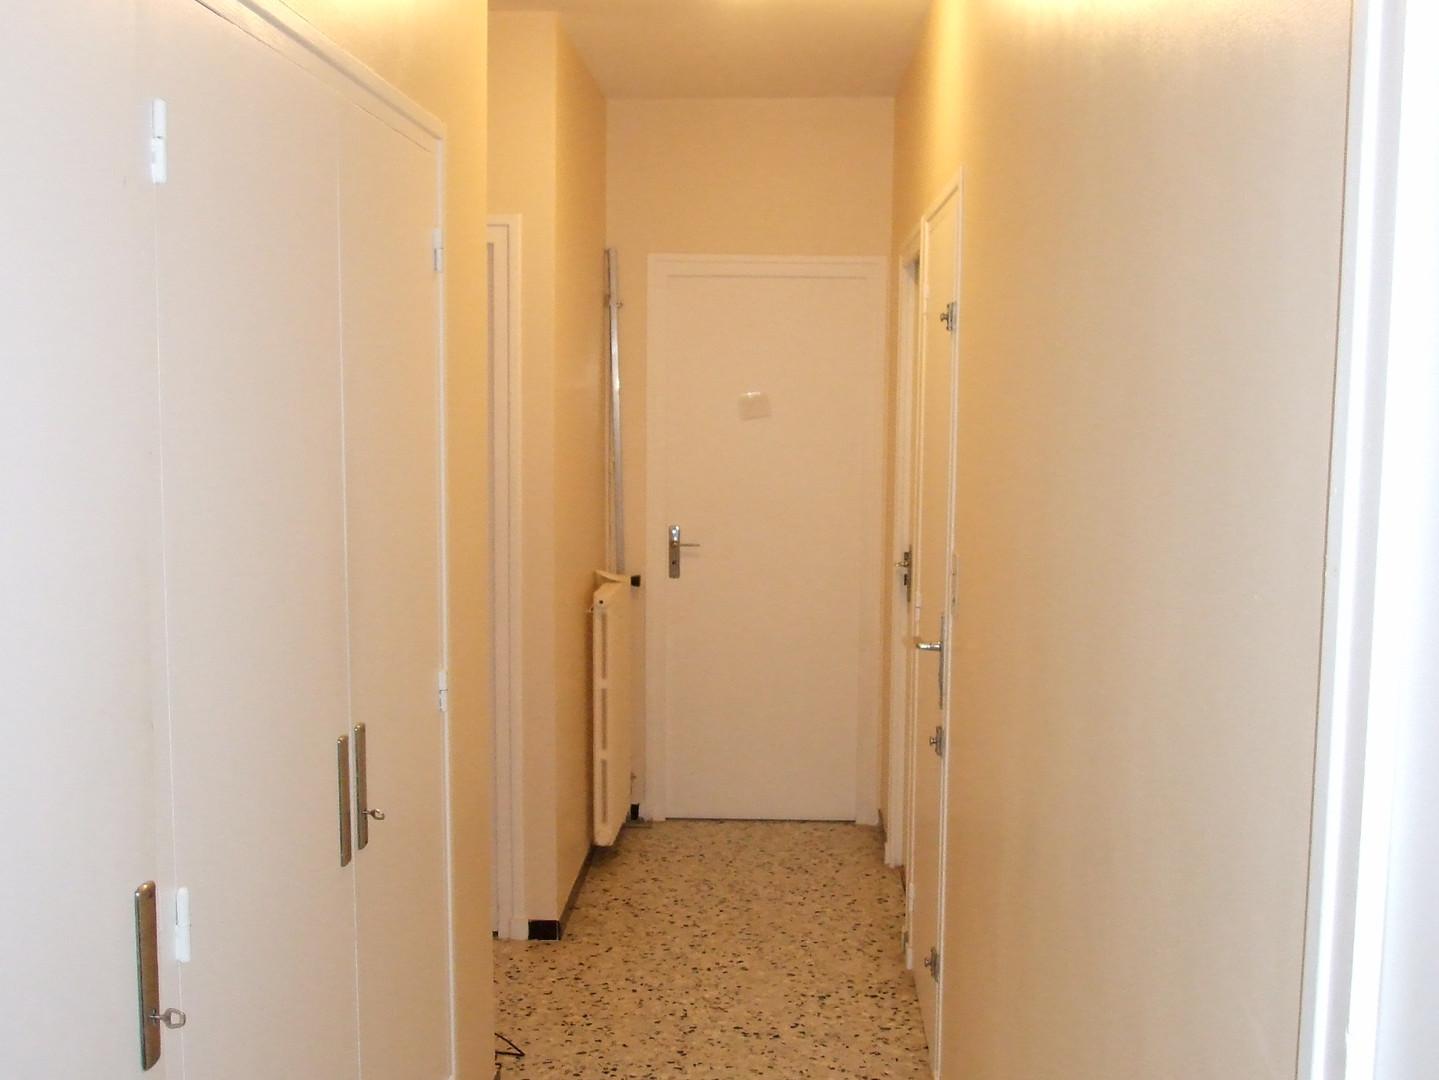 couloir - existant